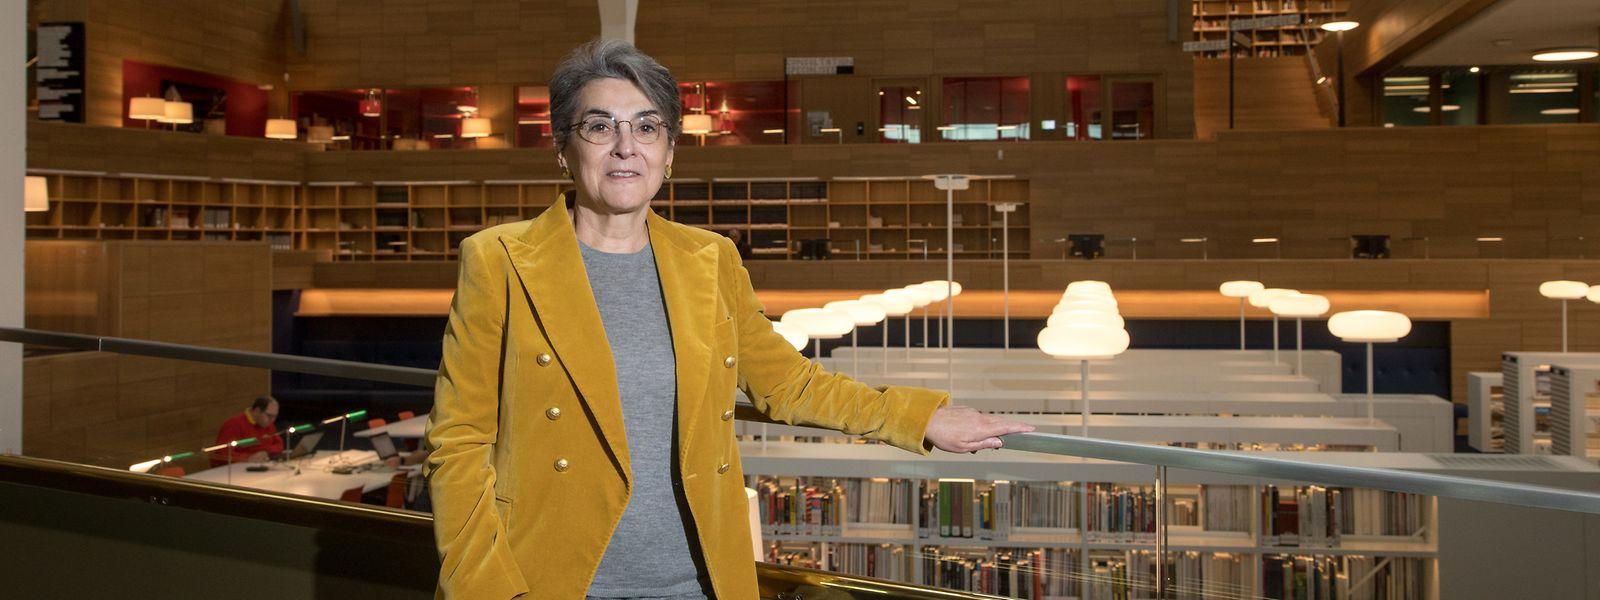 Ihre Amtszeit war geprägt von der Umsetzung des Neubaus: Die scheidende Direktorin der Nationalbibliothek, Monique Kieffer, hat das Projekt eng begleitet. Nun wird ihre Nachfolge gesucht.